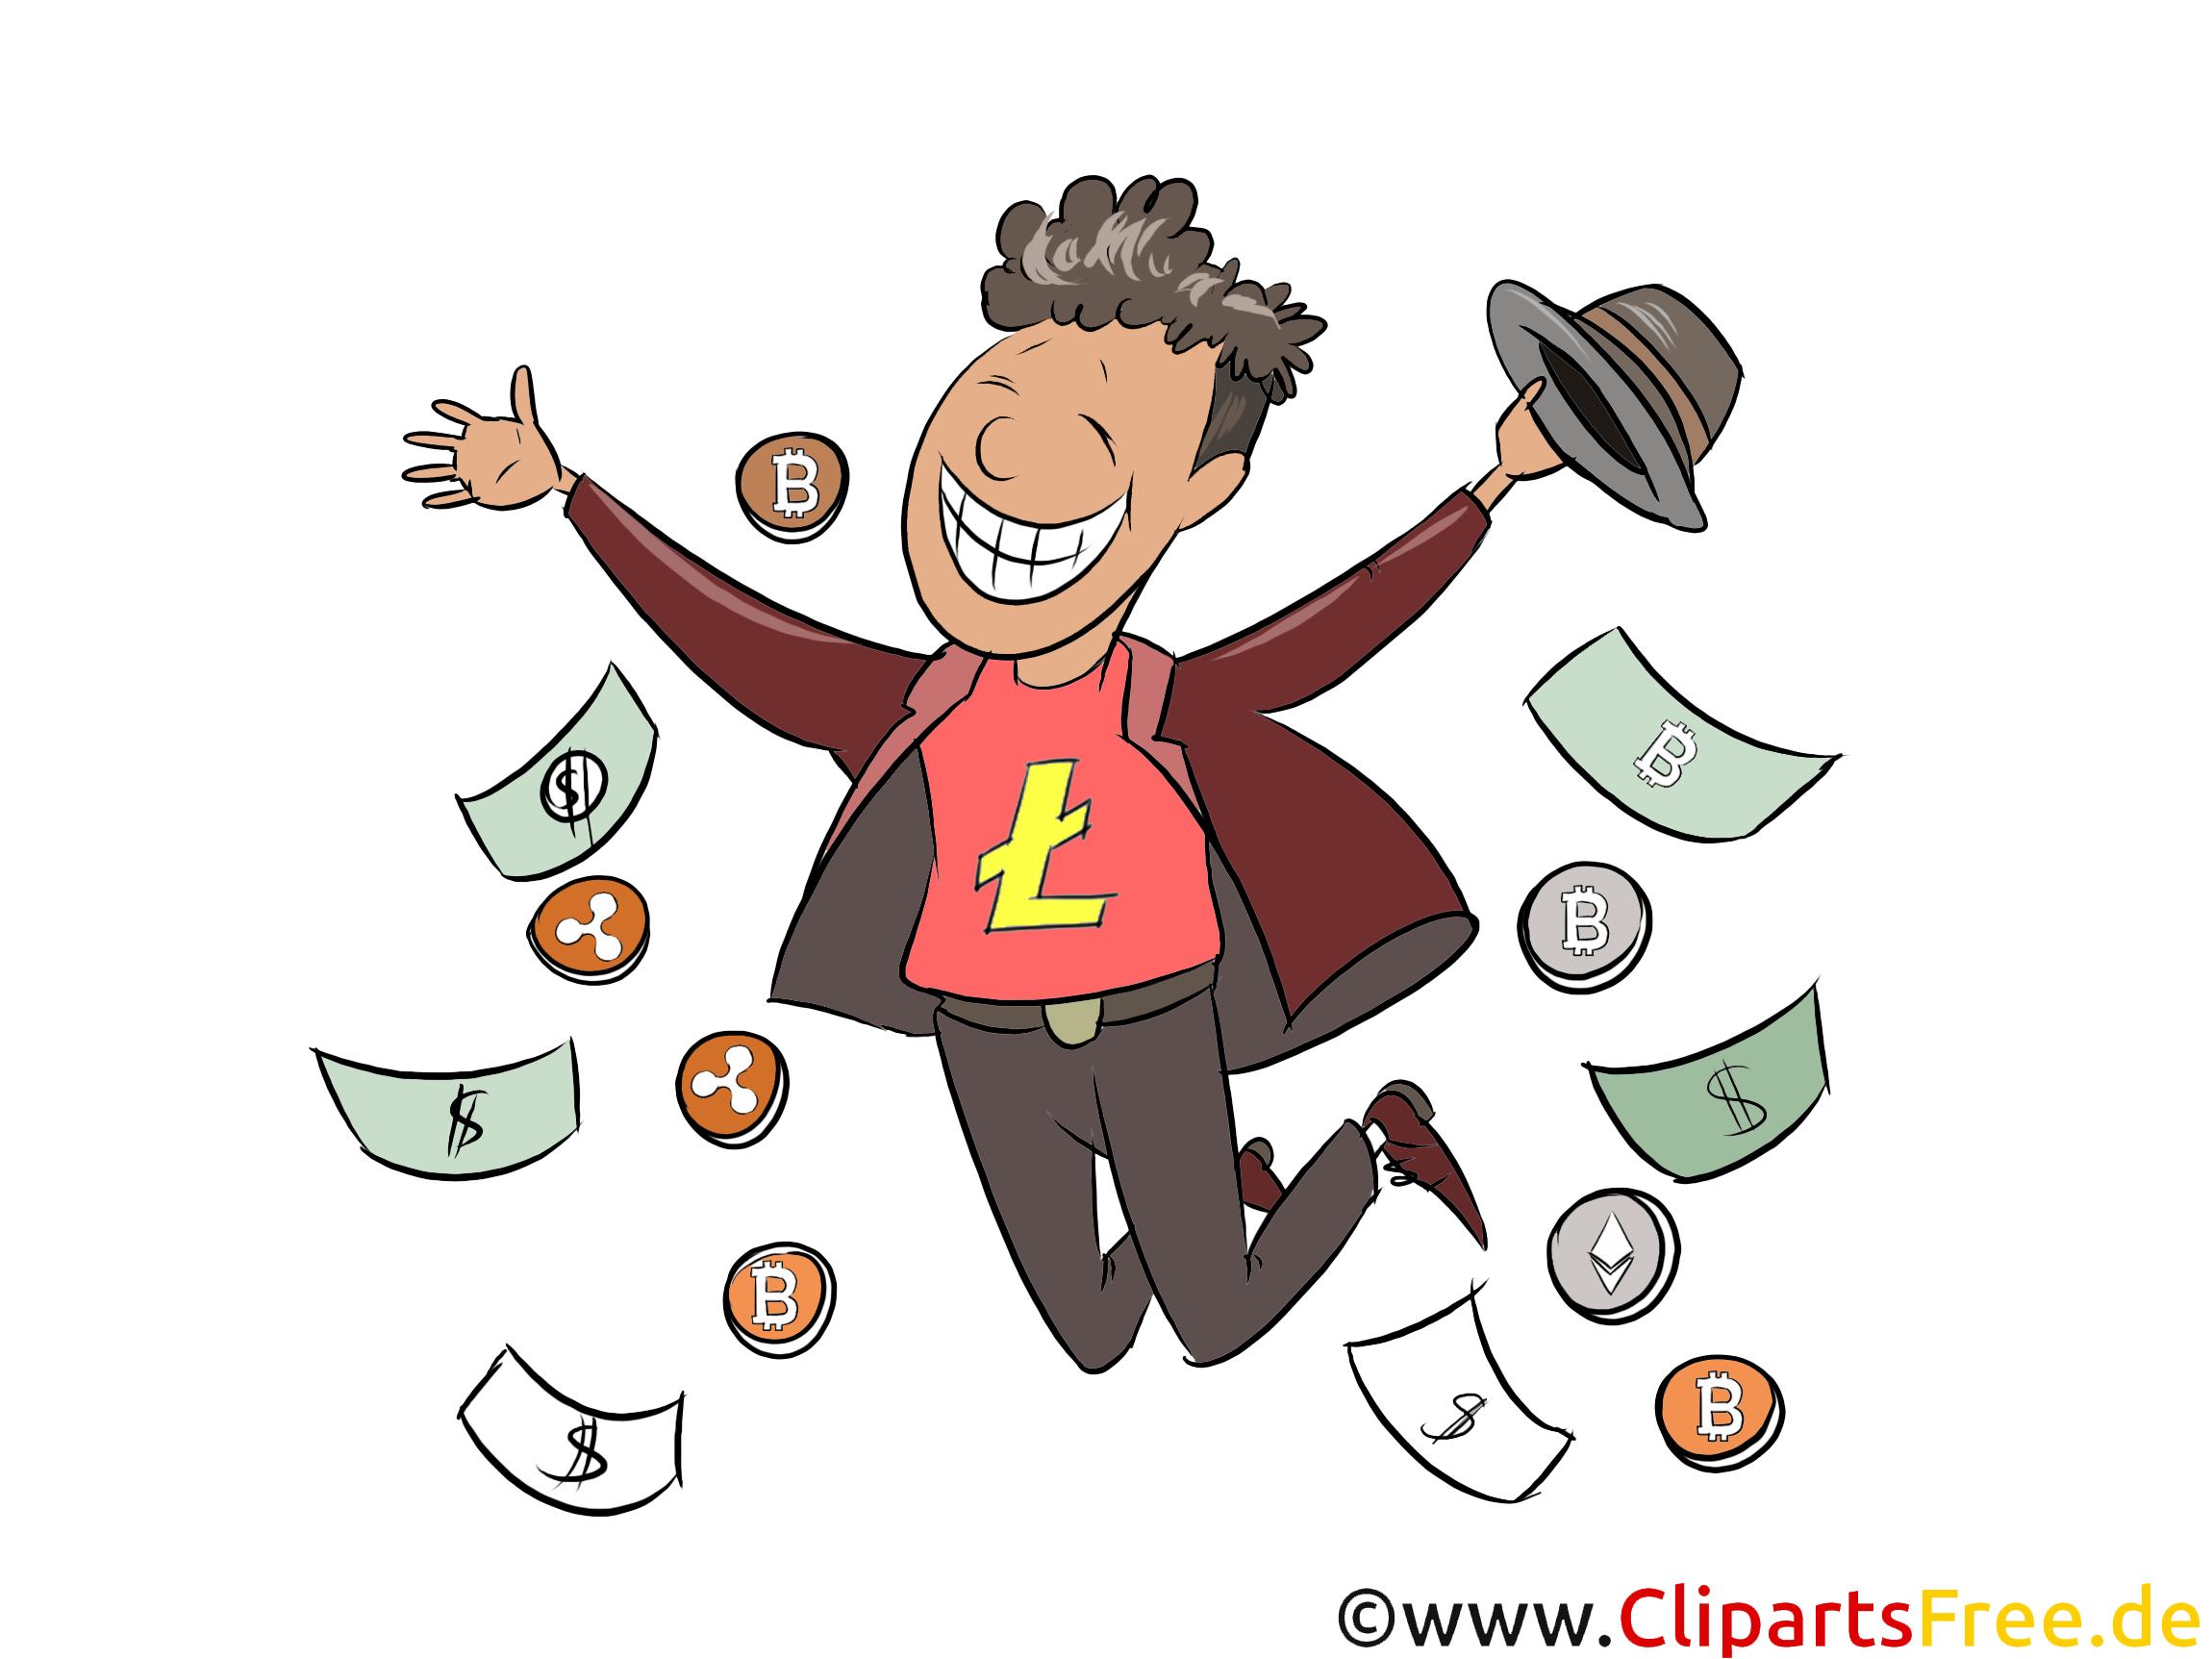 Kryptohandel, glücklicher Mann Bild, Illustration, Clipart